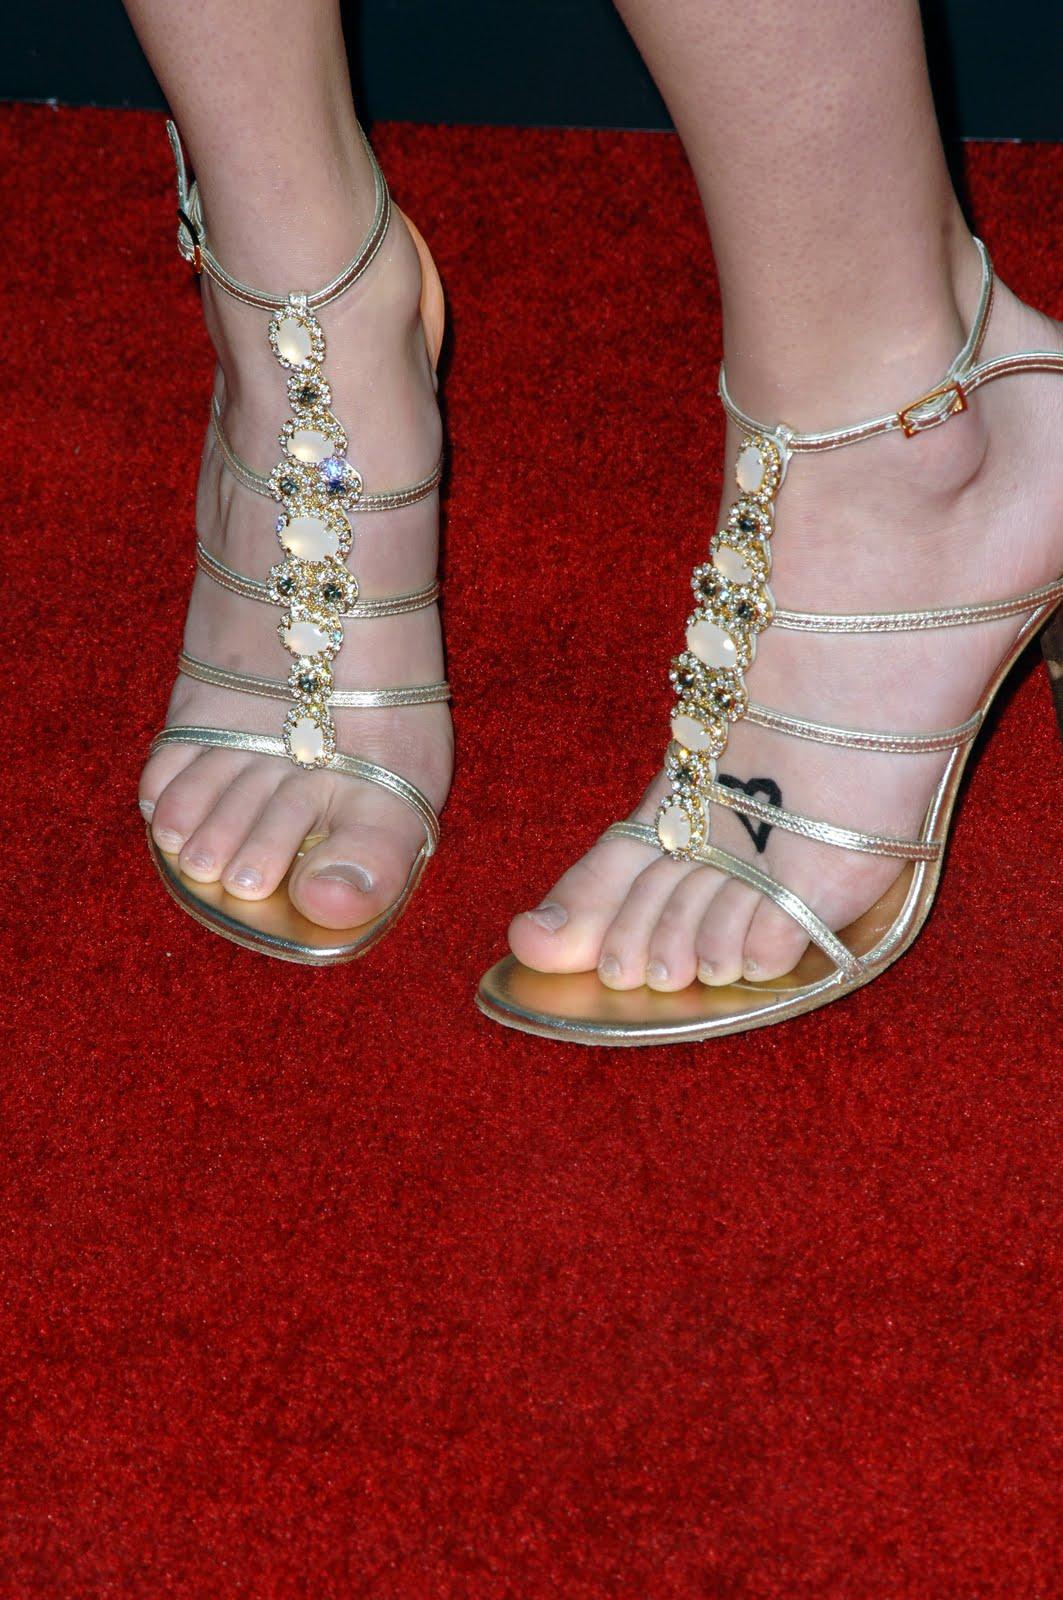 http://4.bp.blogspot.com/_N2u0bdQDNIg/TMJpEpcJoSI/AAAAAAAABTc/fWZjGnHoIKA/s1600/Taylor-Swift-Feet-33679.jpg